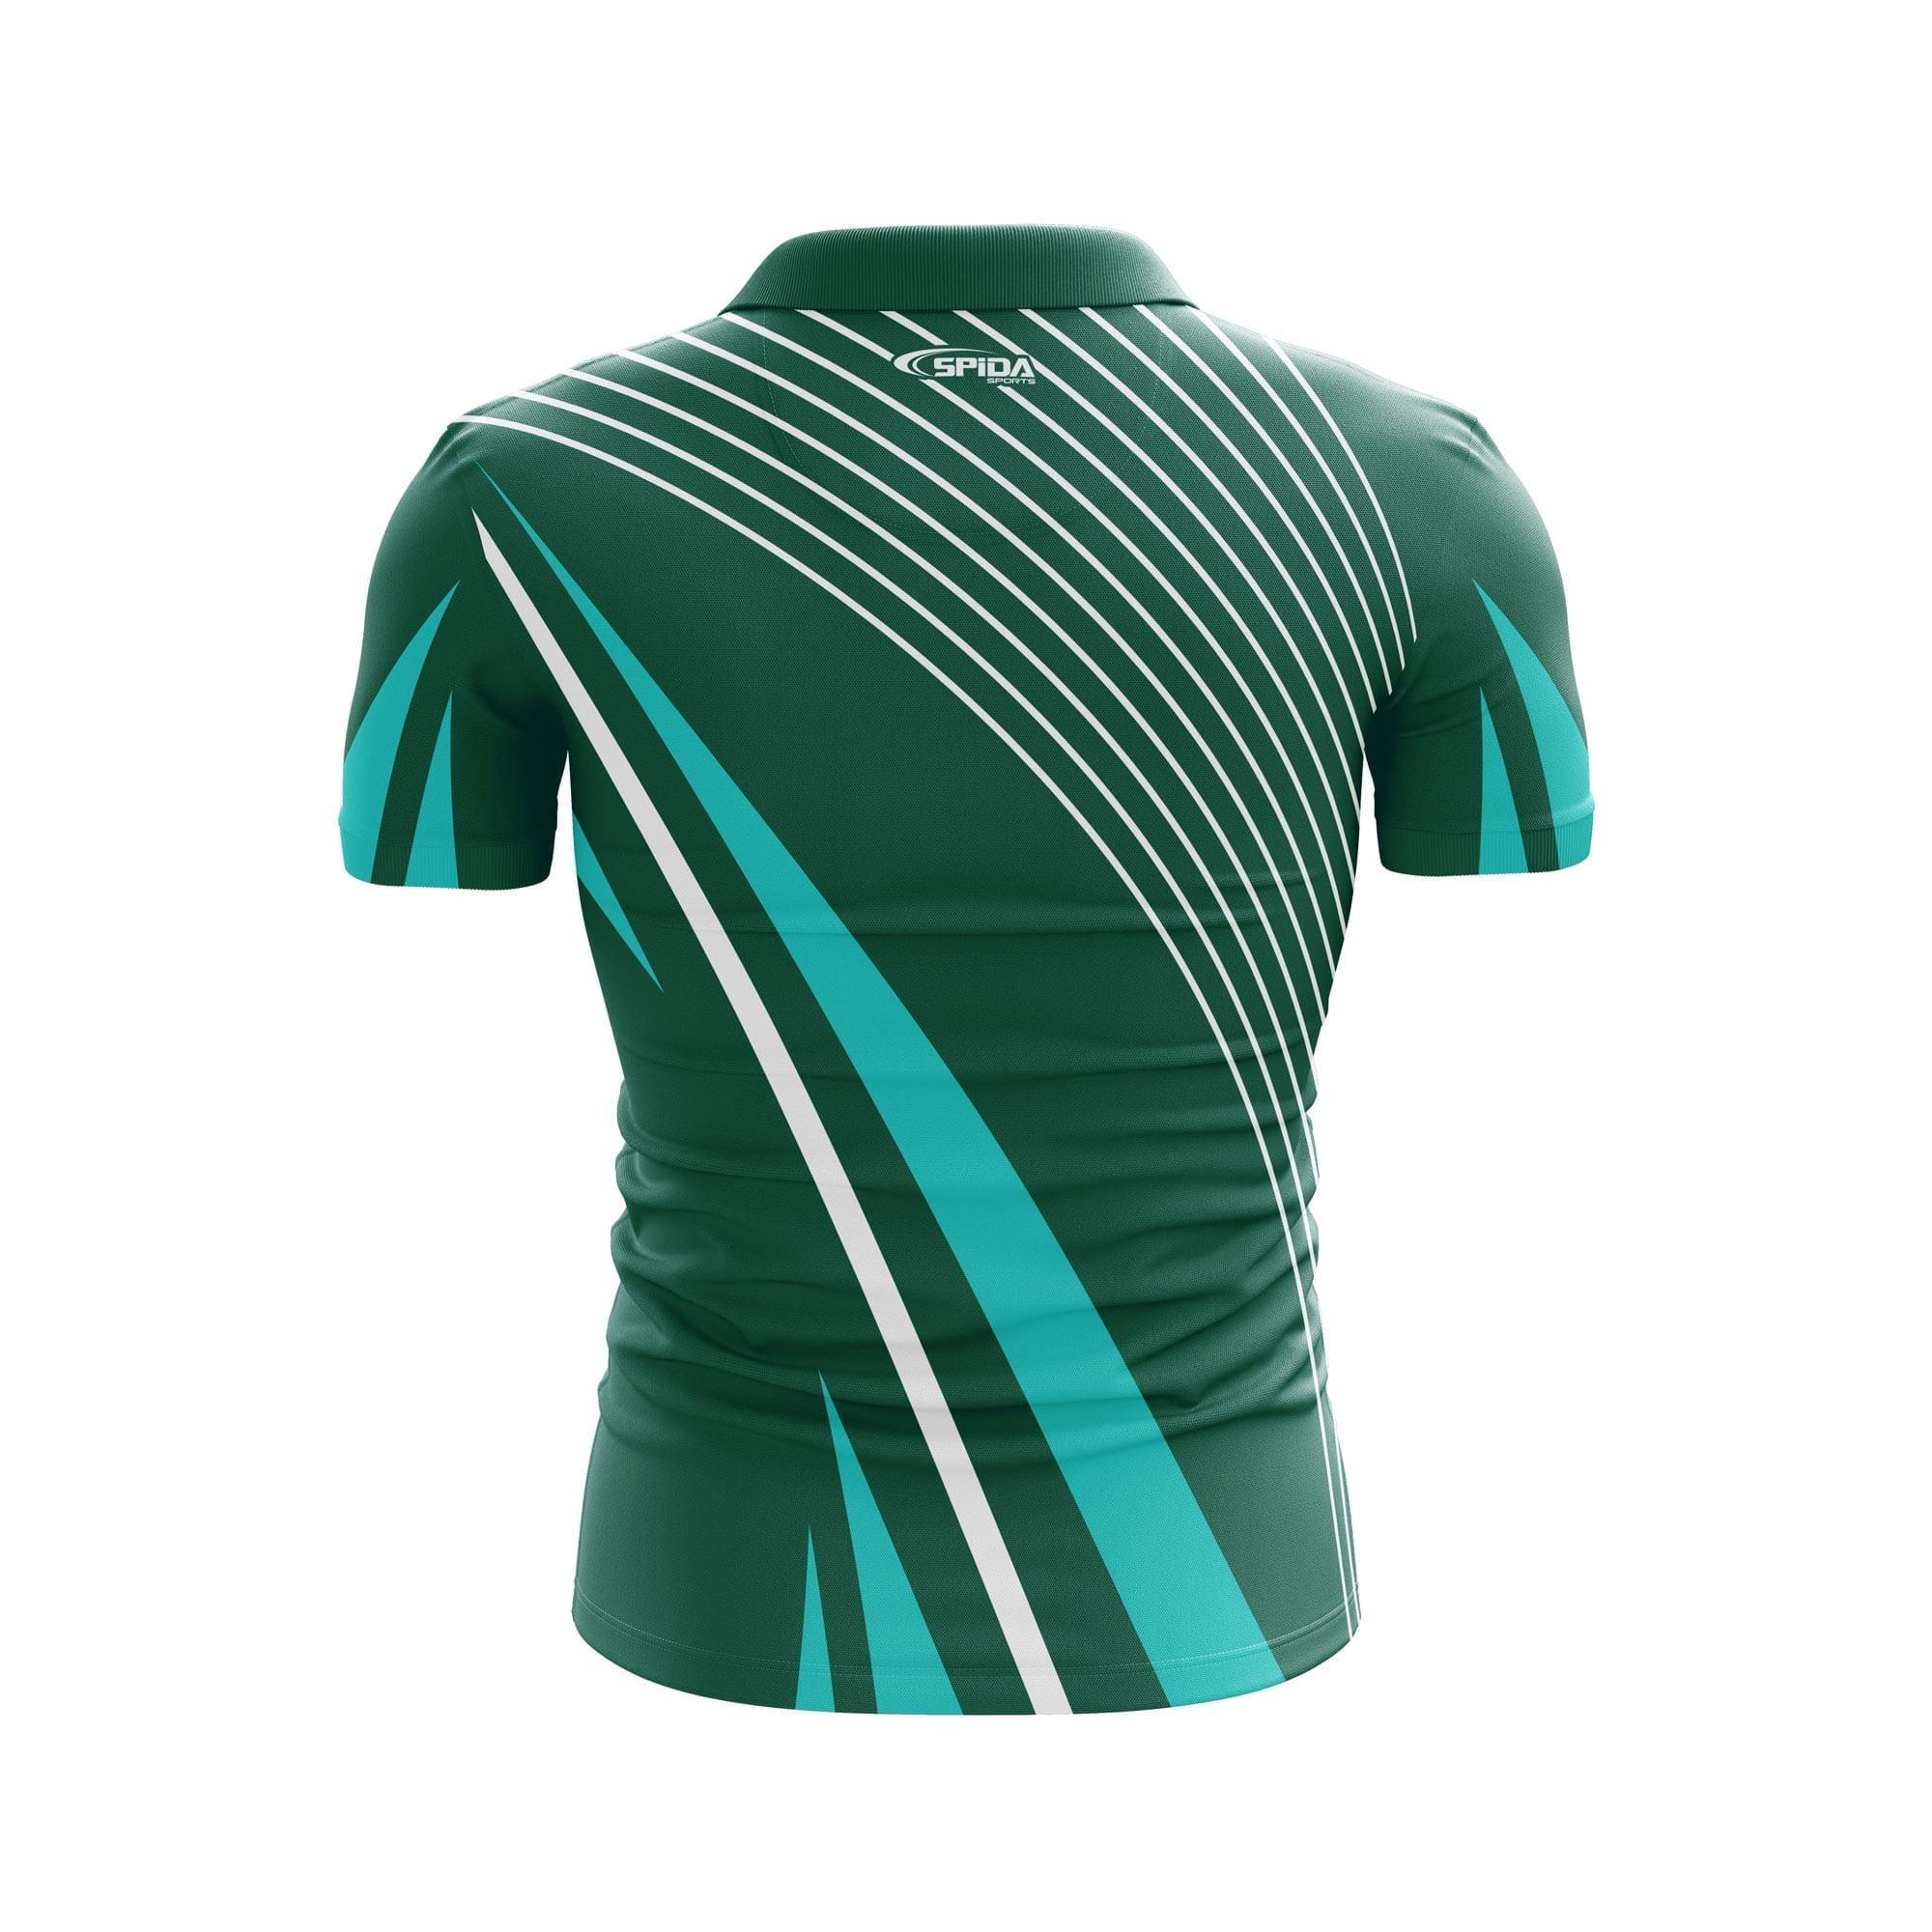 Champion-Sublimated-Polo-Shirts-Back